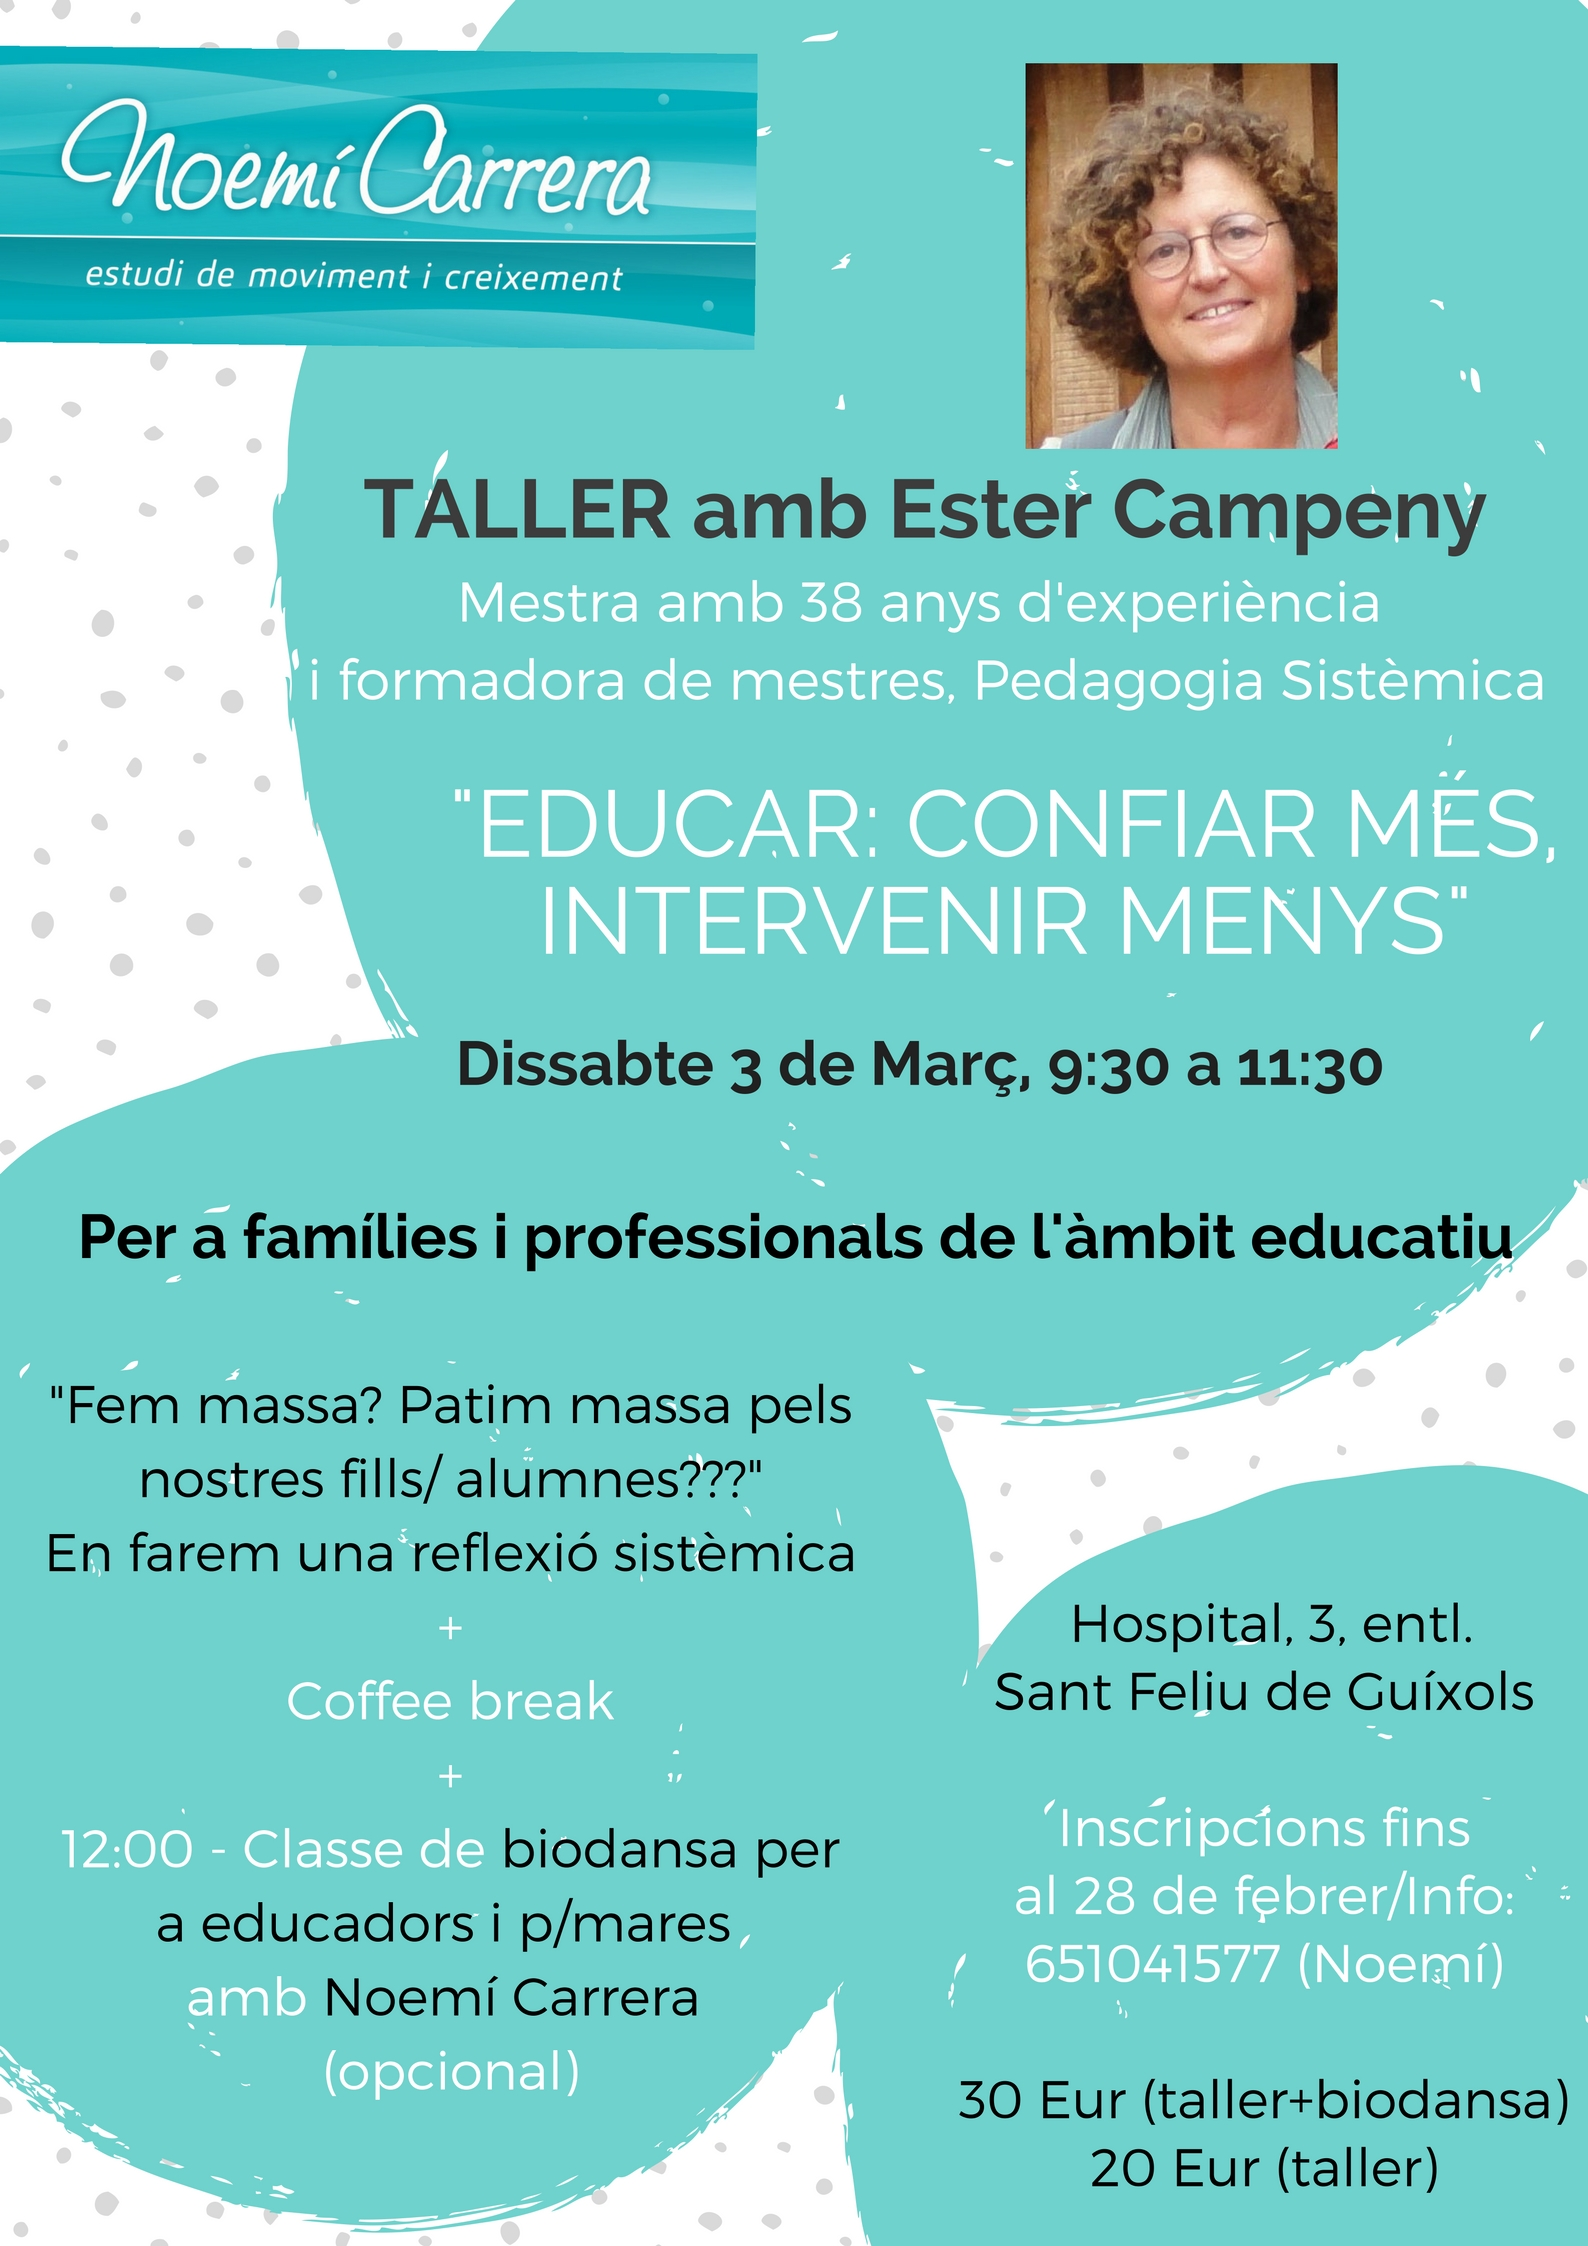 Taller_Noemí Carrera Estudi de moviment i creixement_Ester Campeny_3 Març